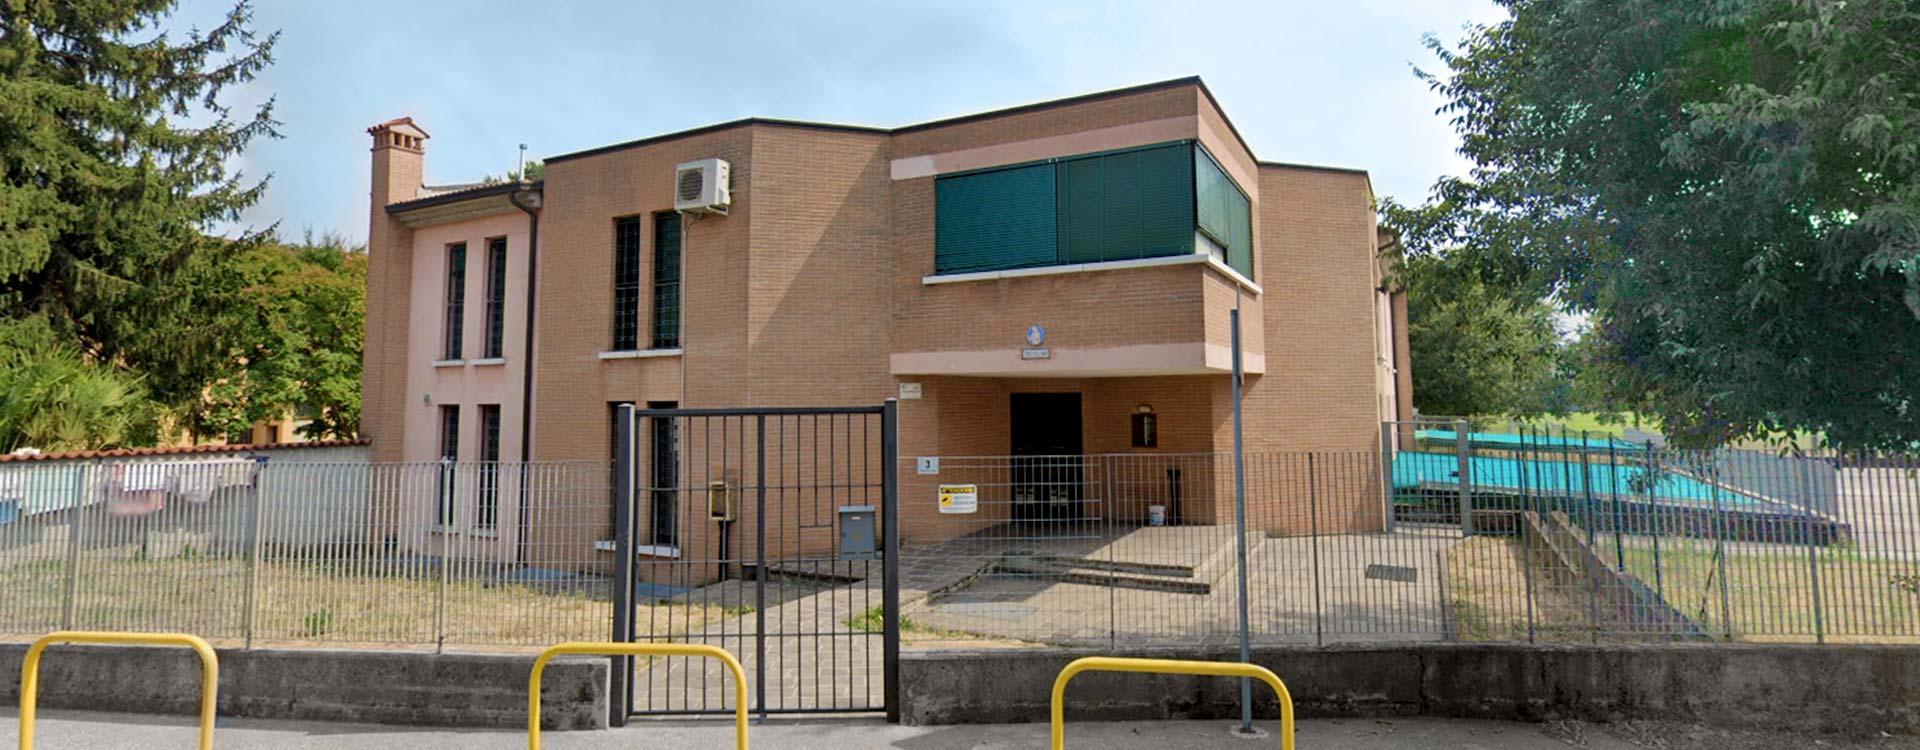 auxilium - San Bernardino - Chiari - Scuola Paritaria